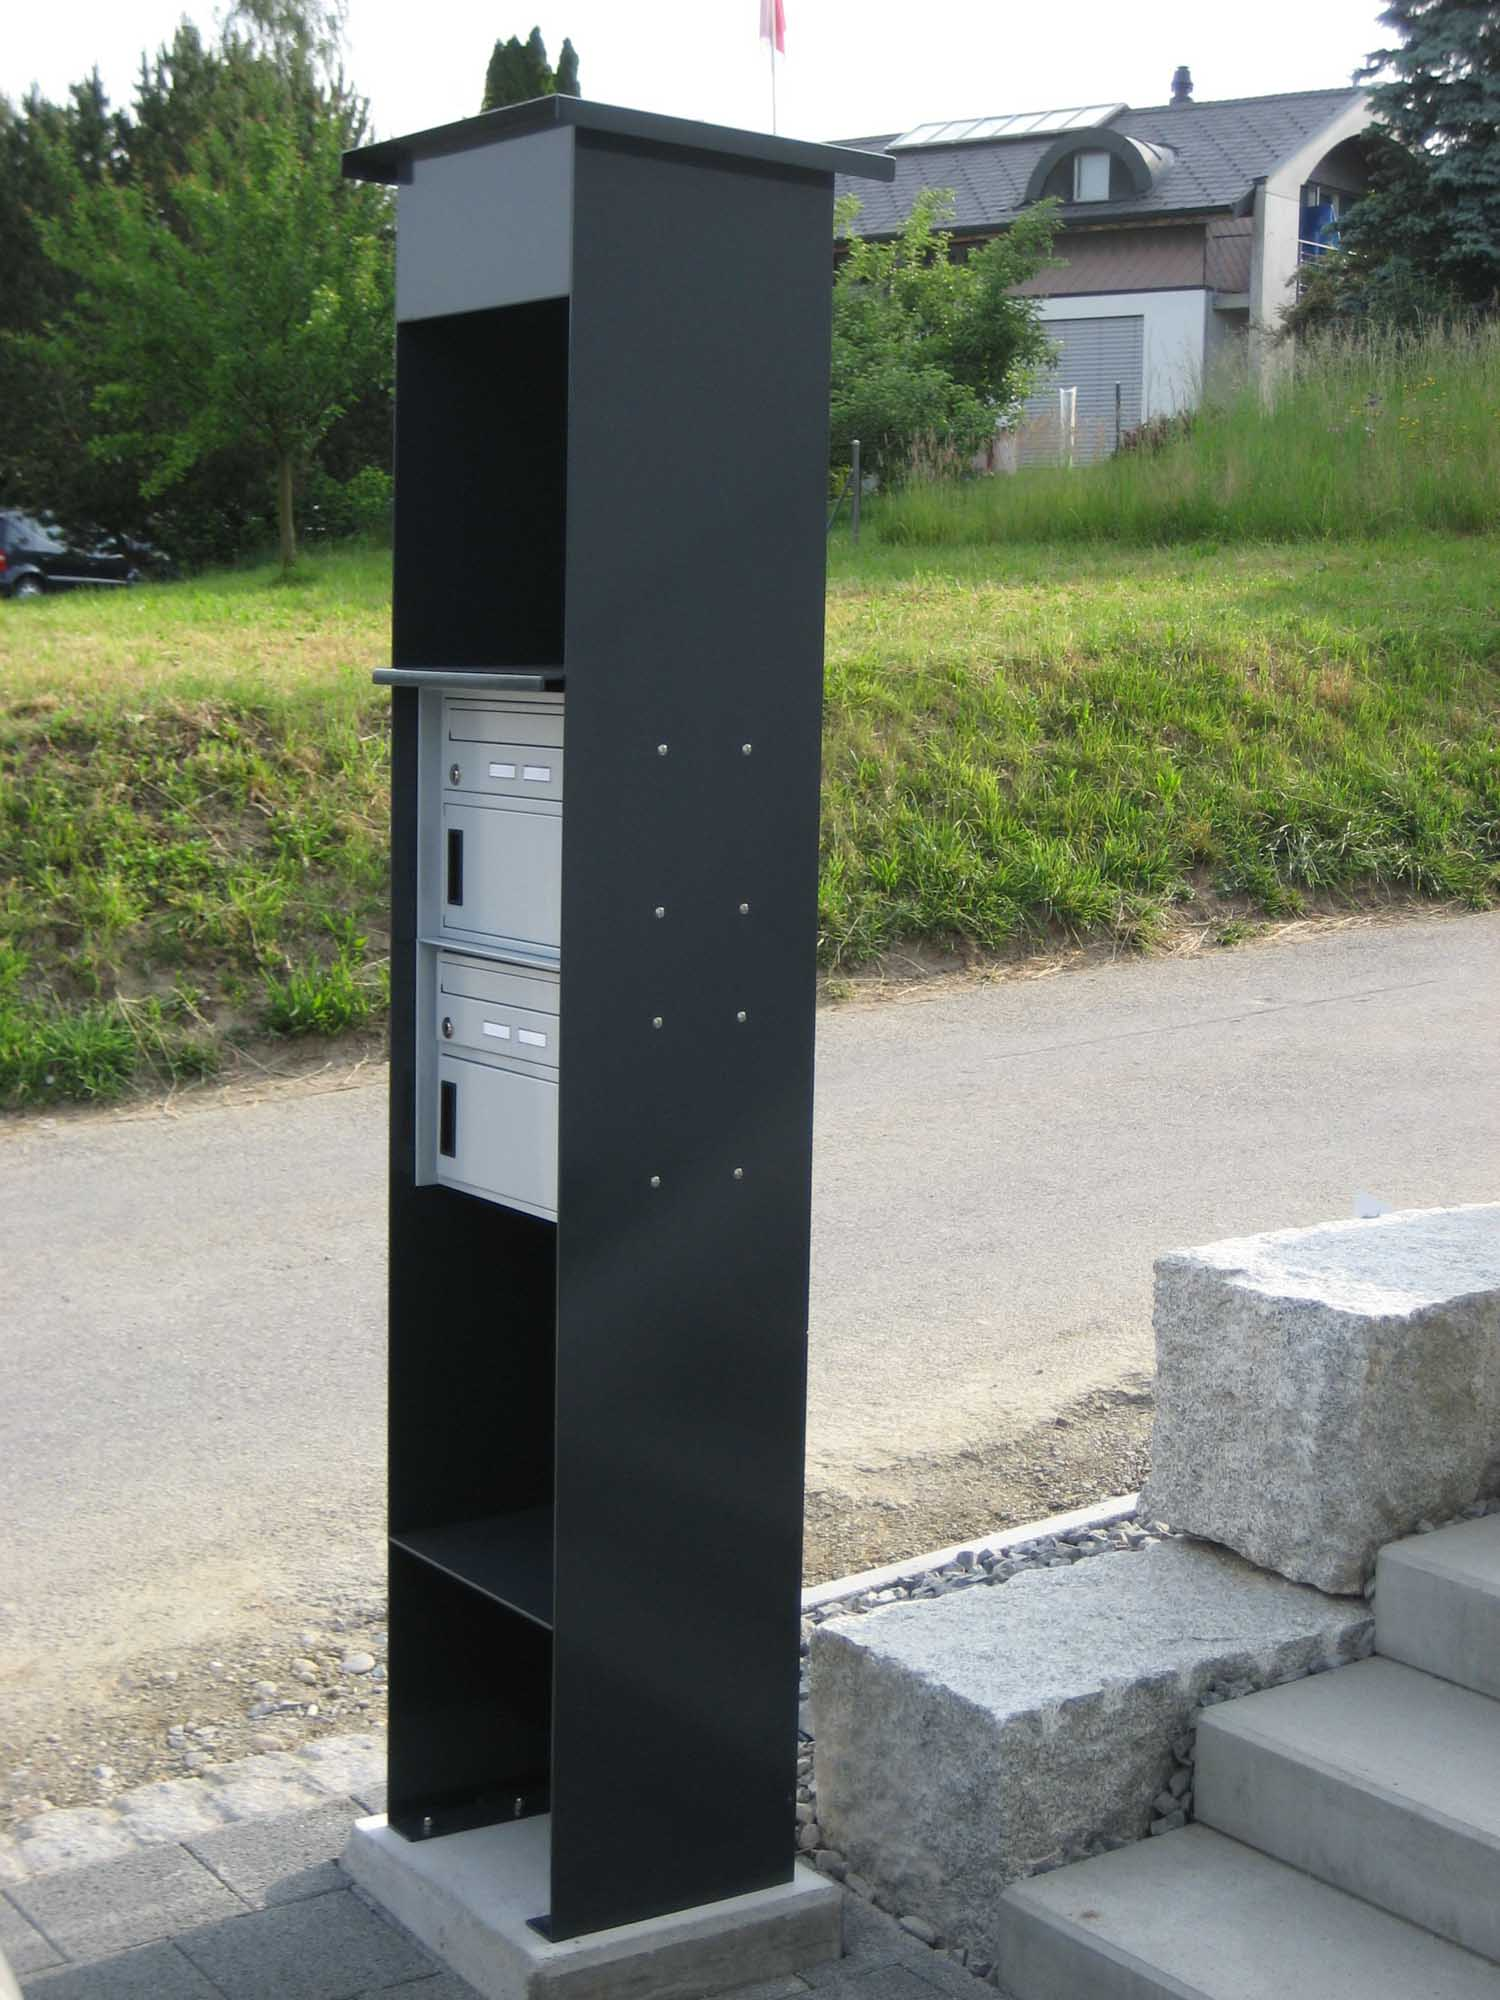 Briefkastenverkleidung mit Ablagefach grau